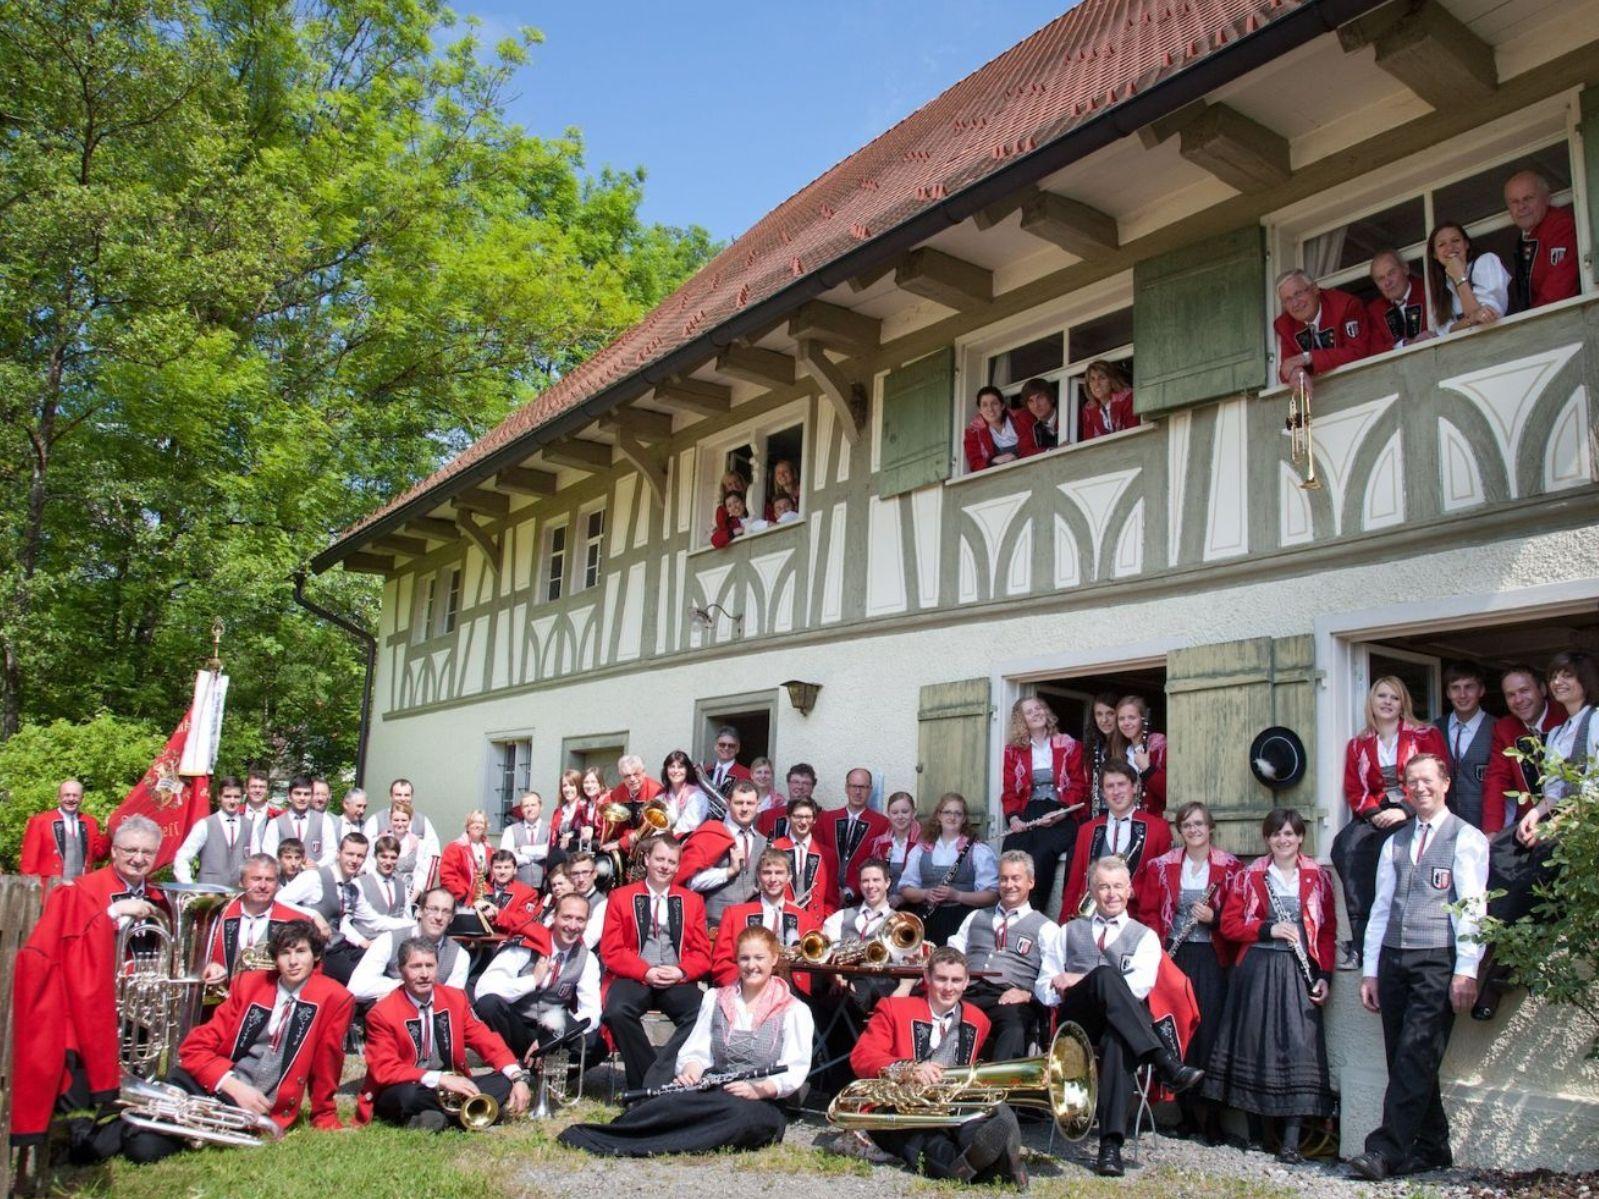 Musikkapelle Amtzell